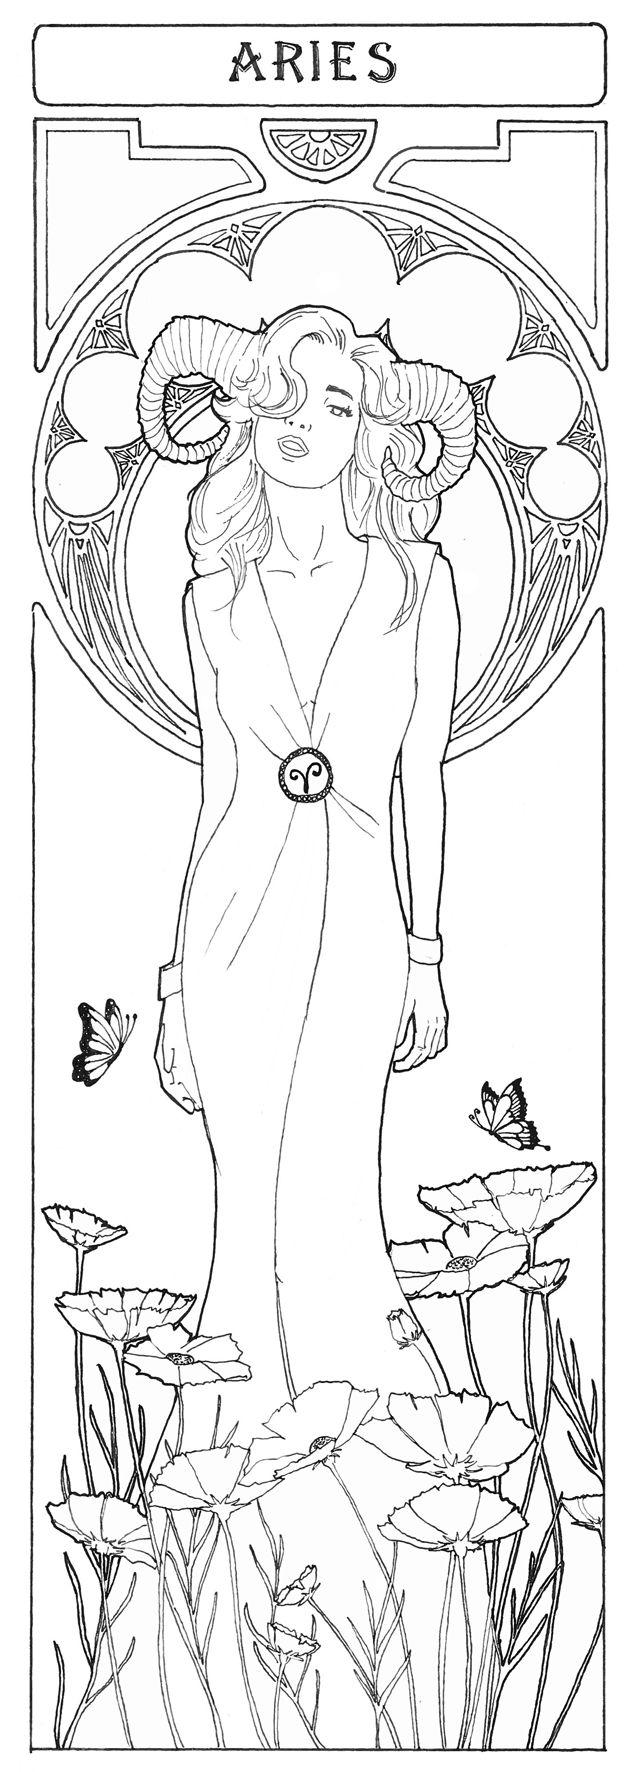 Aries ~ the springtime Ram